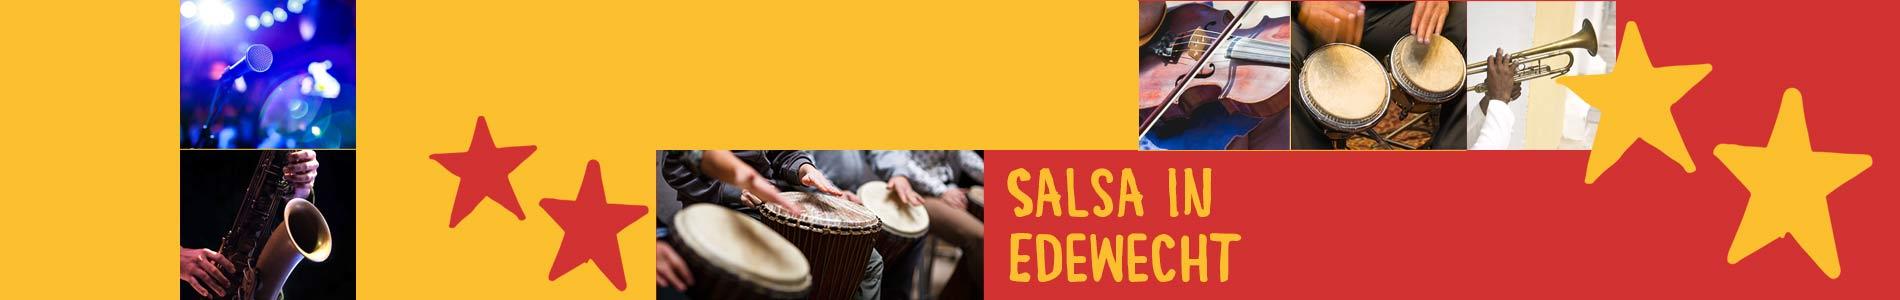 Salsa in Edewecht – Salsa lernen und tanzen, Tanzkurse, Partys, Veranstaltungen